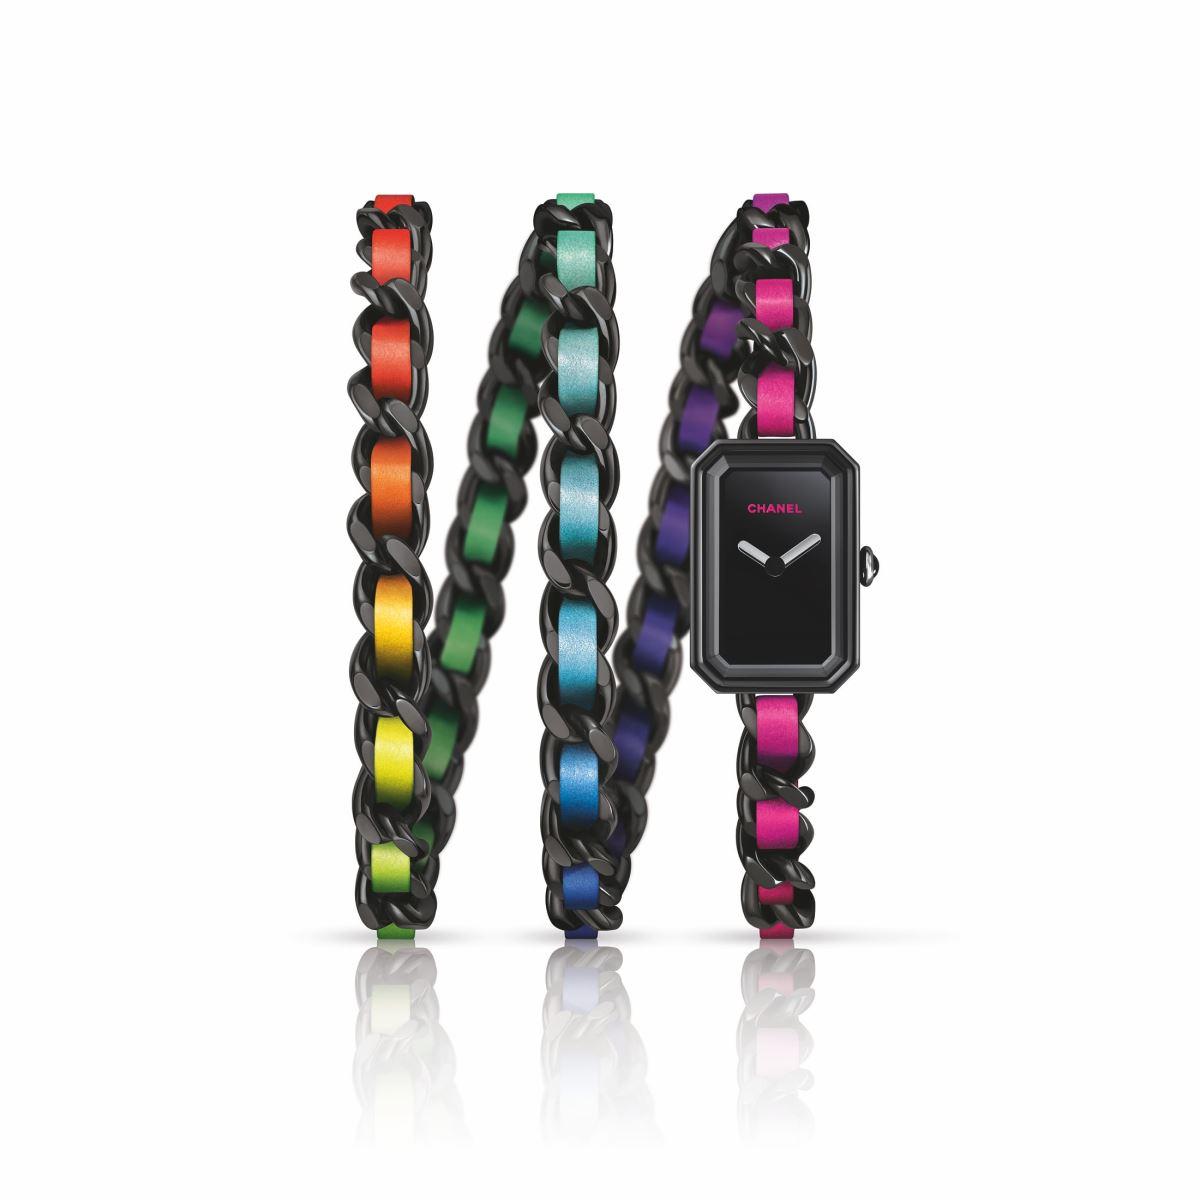 Đồng hồ Chanel Première Electro 2021